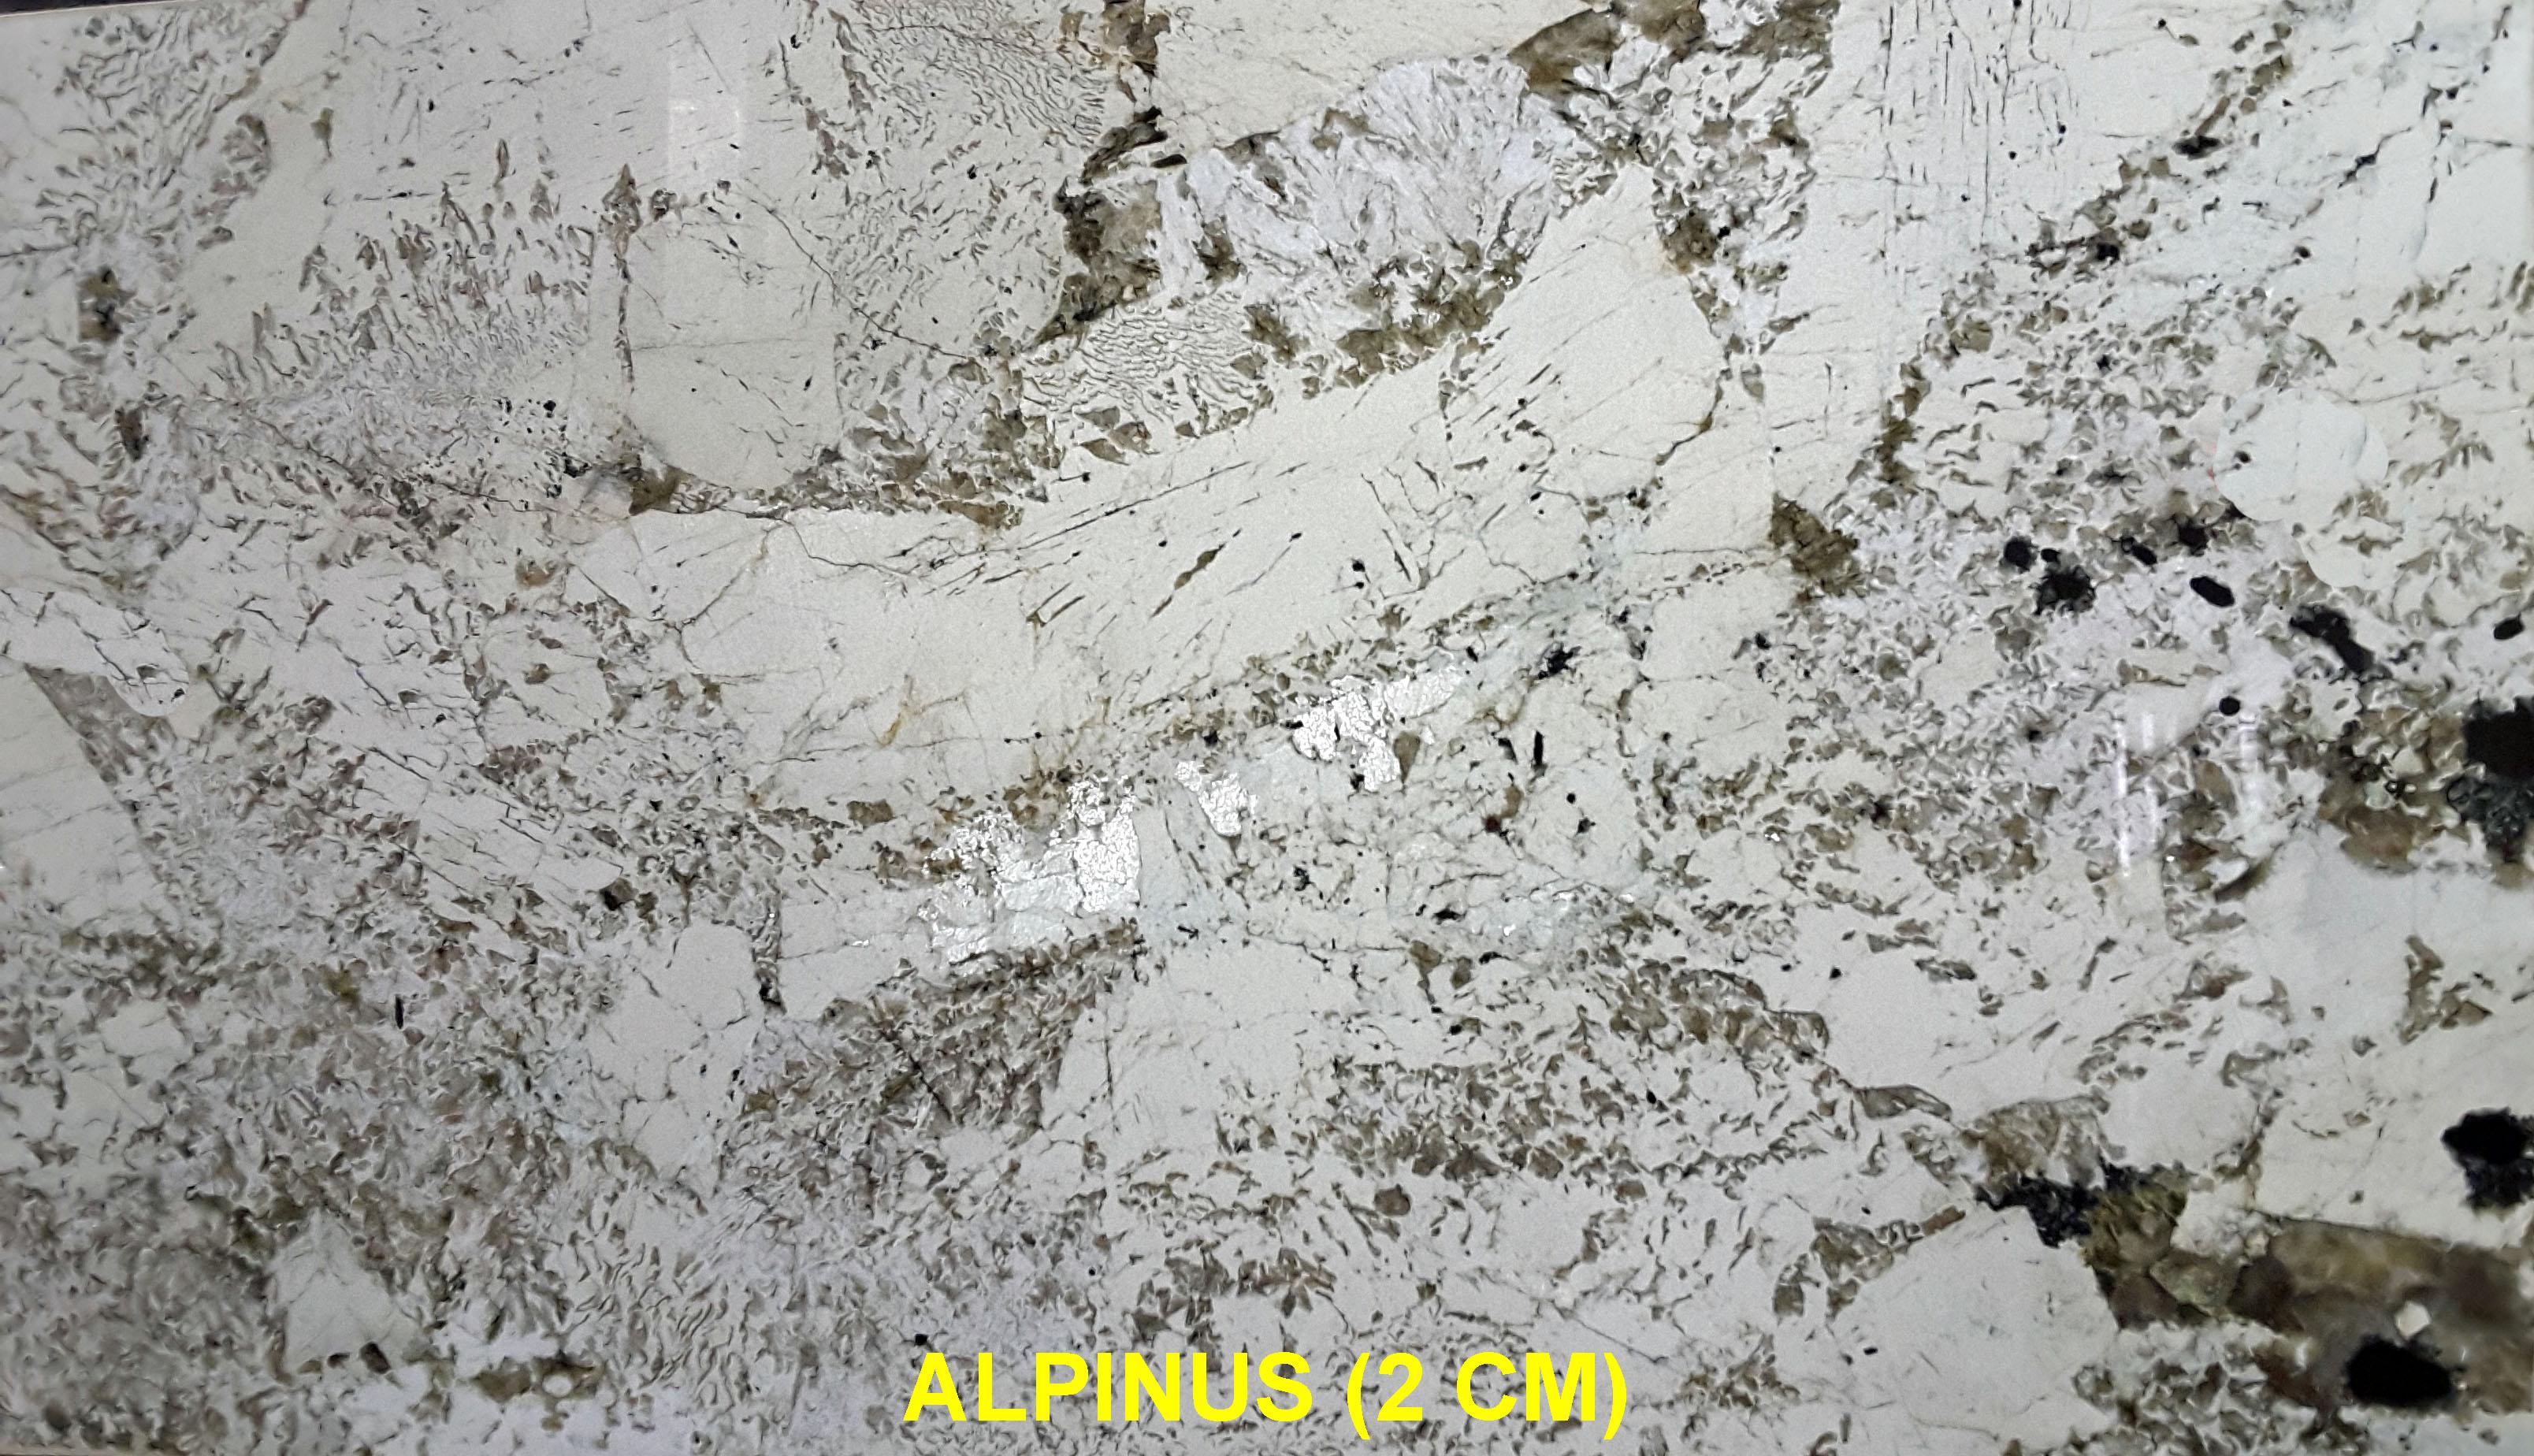 ALPINUS (2 CM)-#11860 (2)